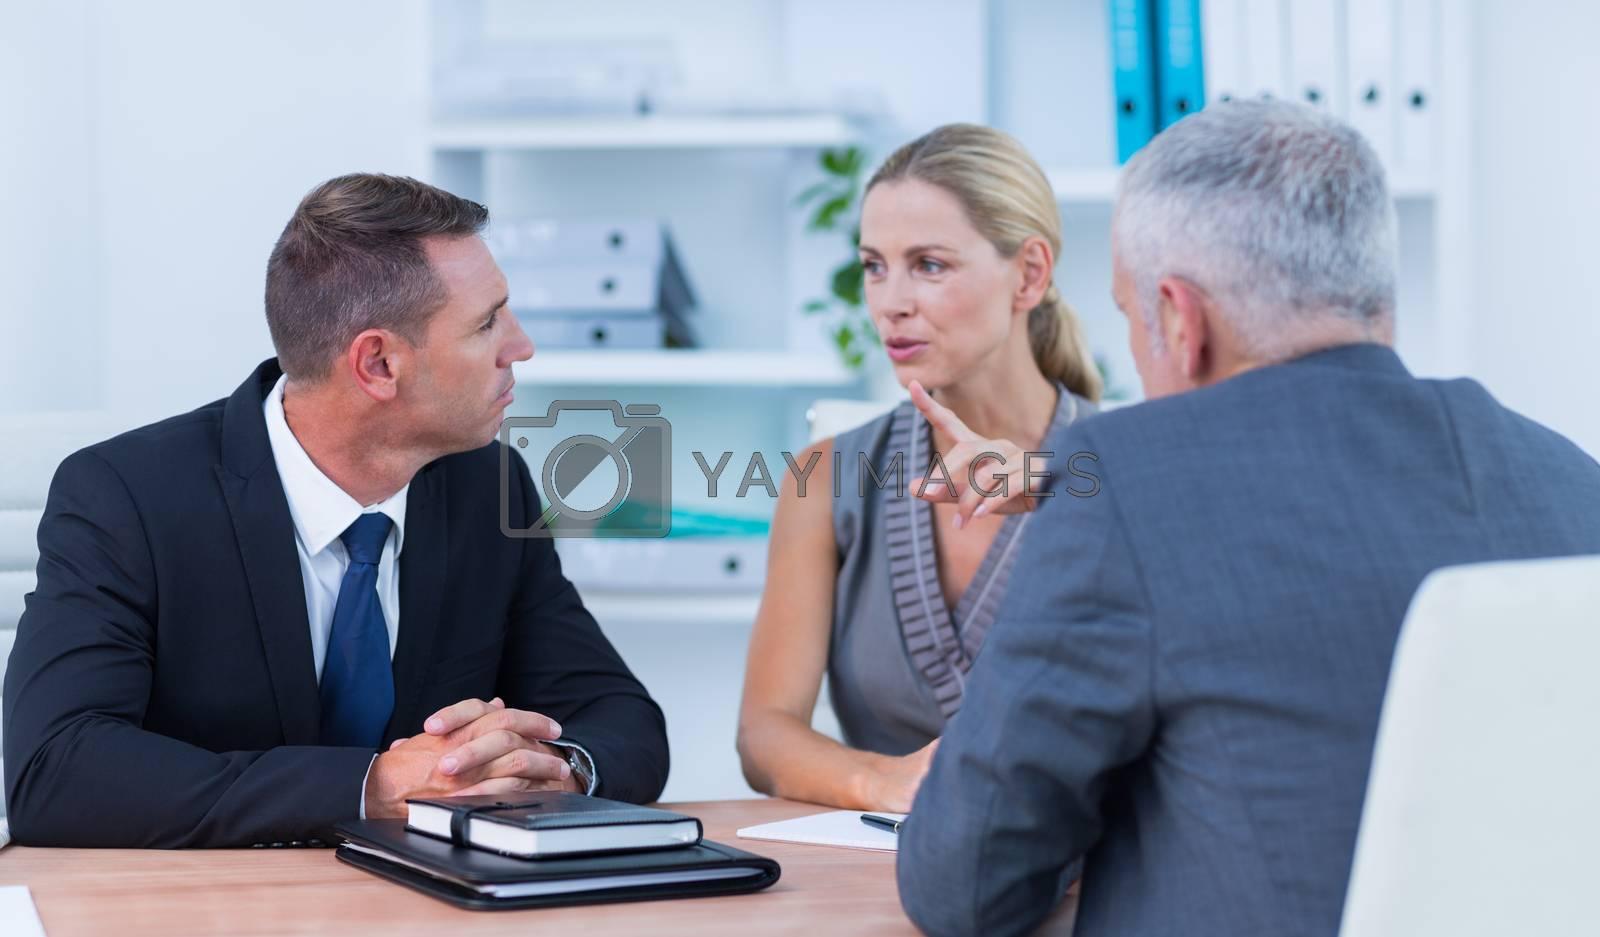 Royalty free image of Business people speaking at meeting by Wavebreakmedia